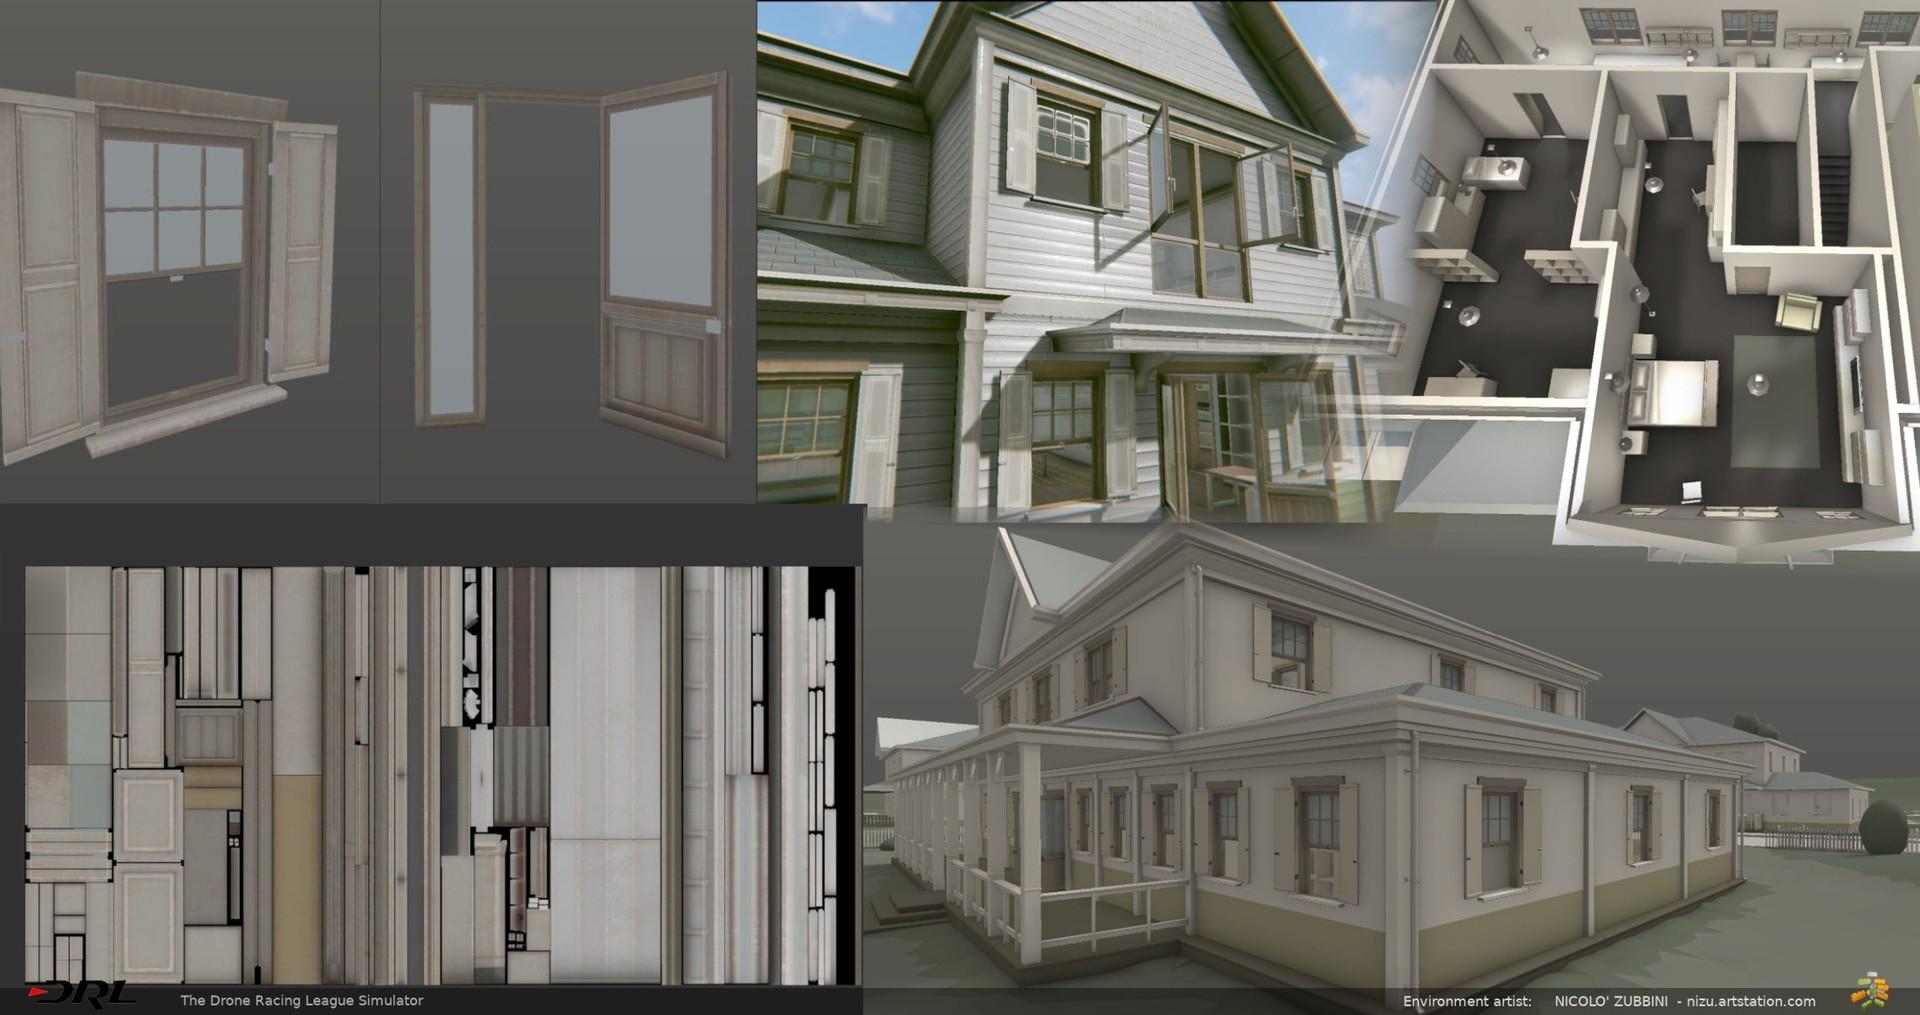 Nicolo zubbini cox house 06